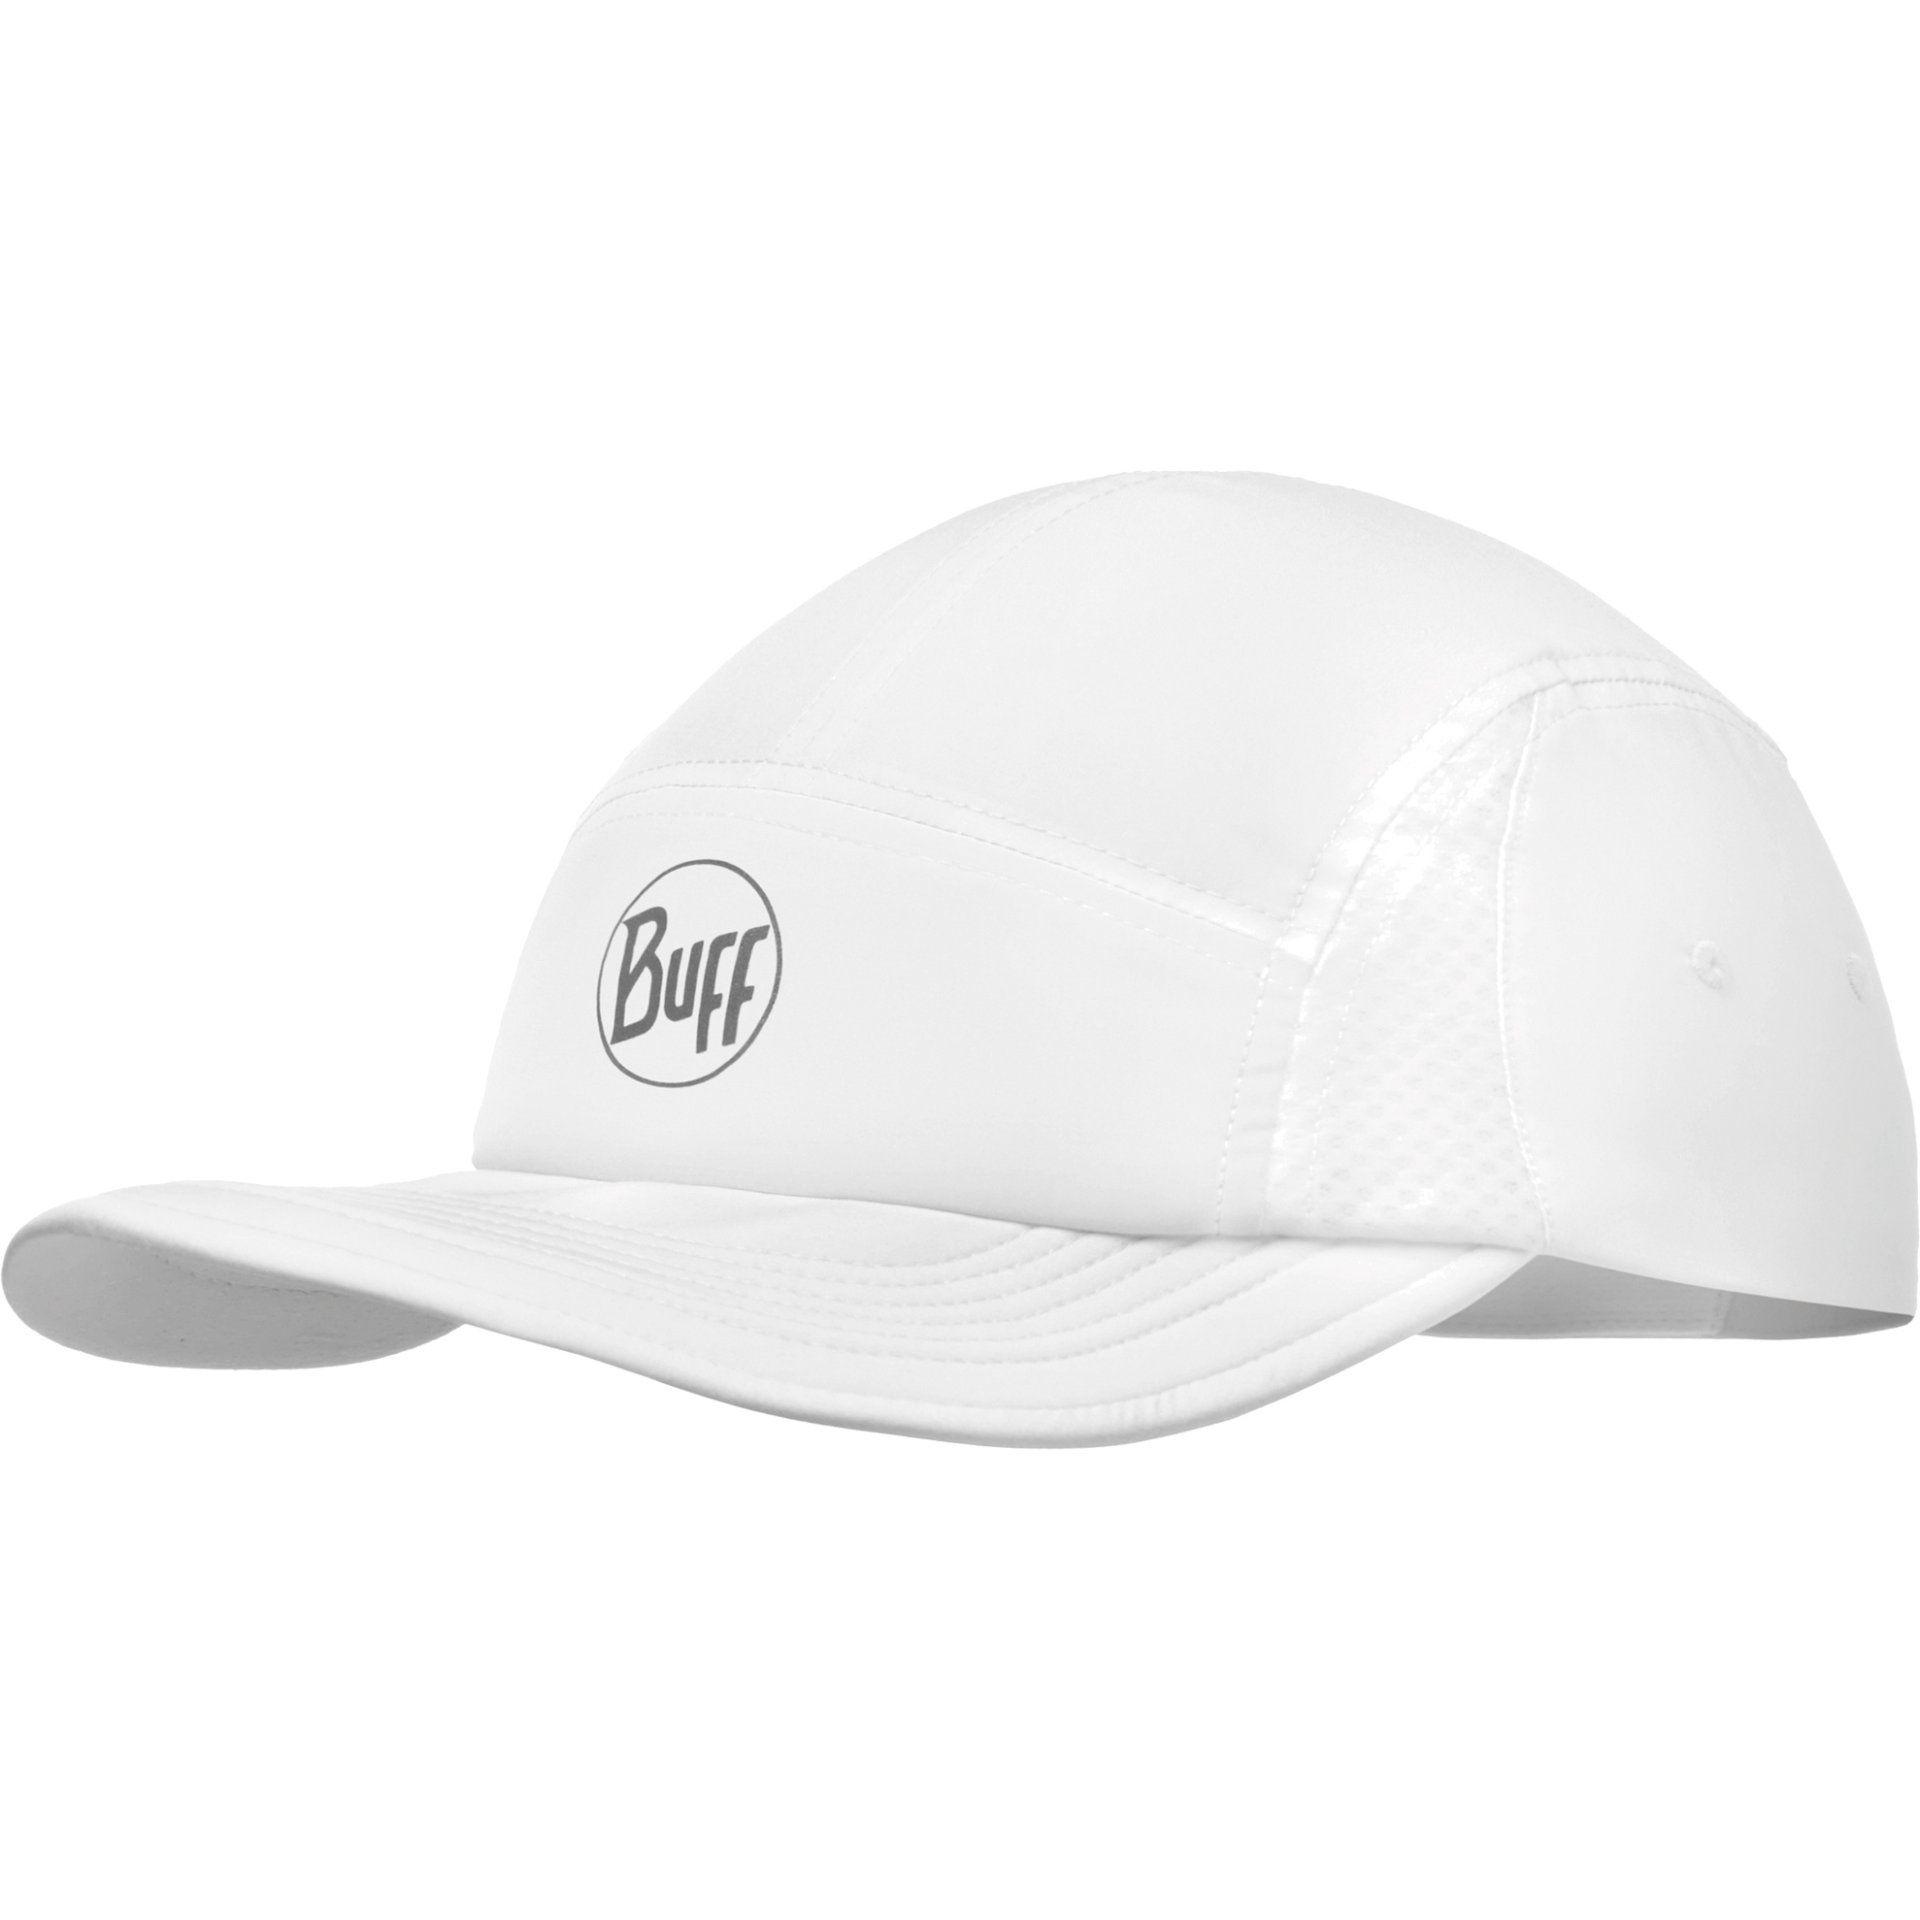 CZAPKA Z DASZKIEM BUFF RUN CAP R-SOLID WHITE